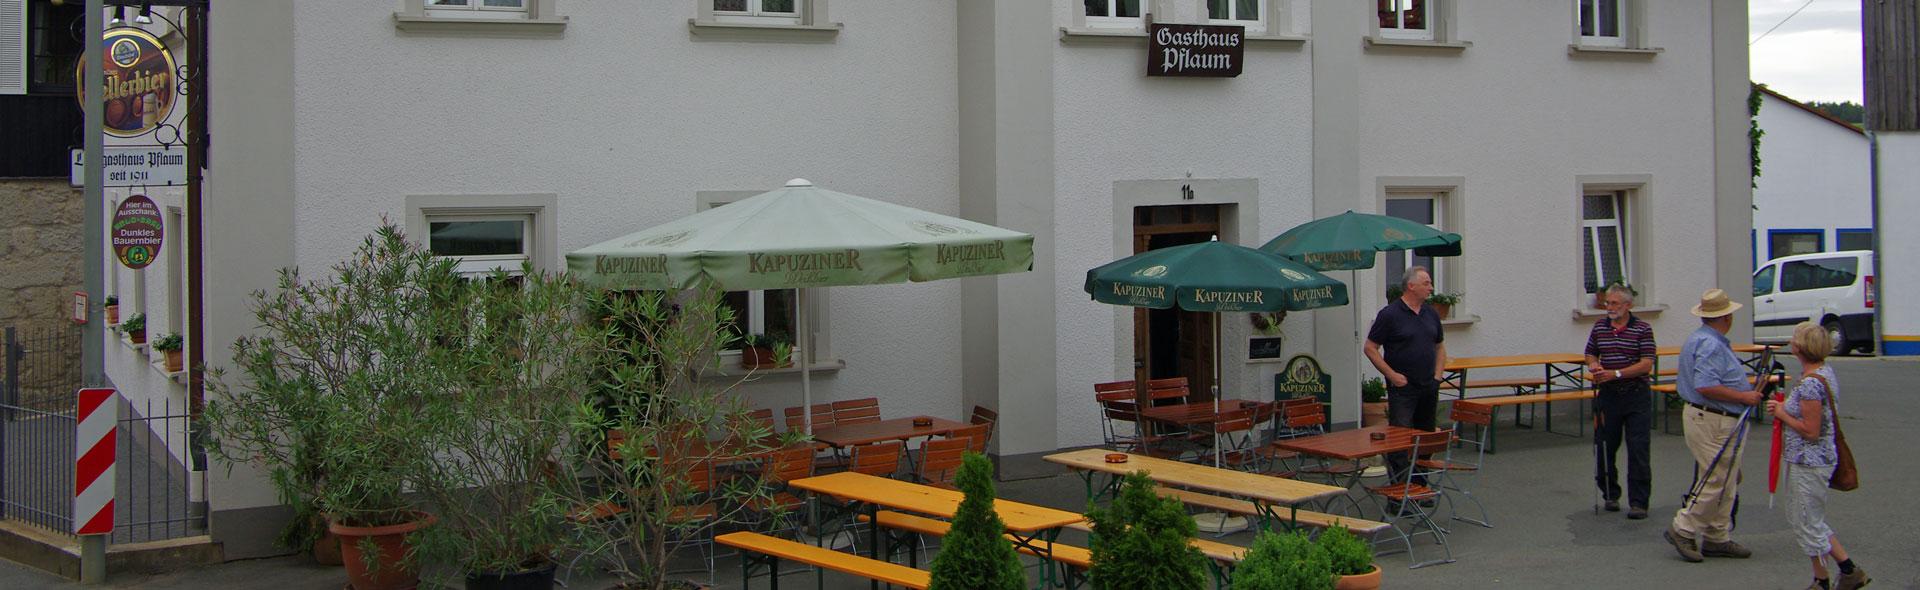 Sonntagskaffee beim Pflaum in Zochenreuth